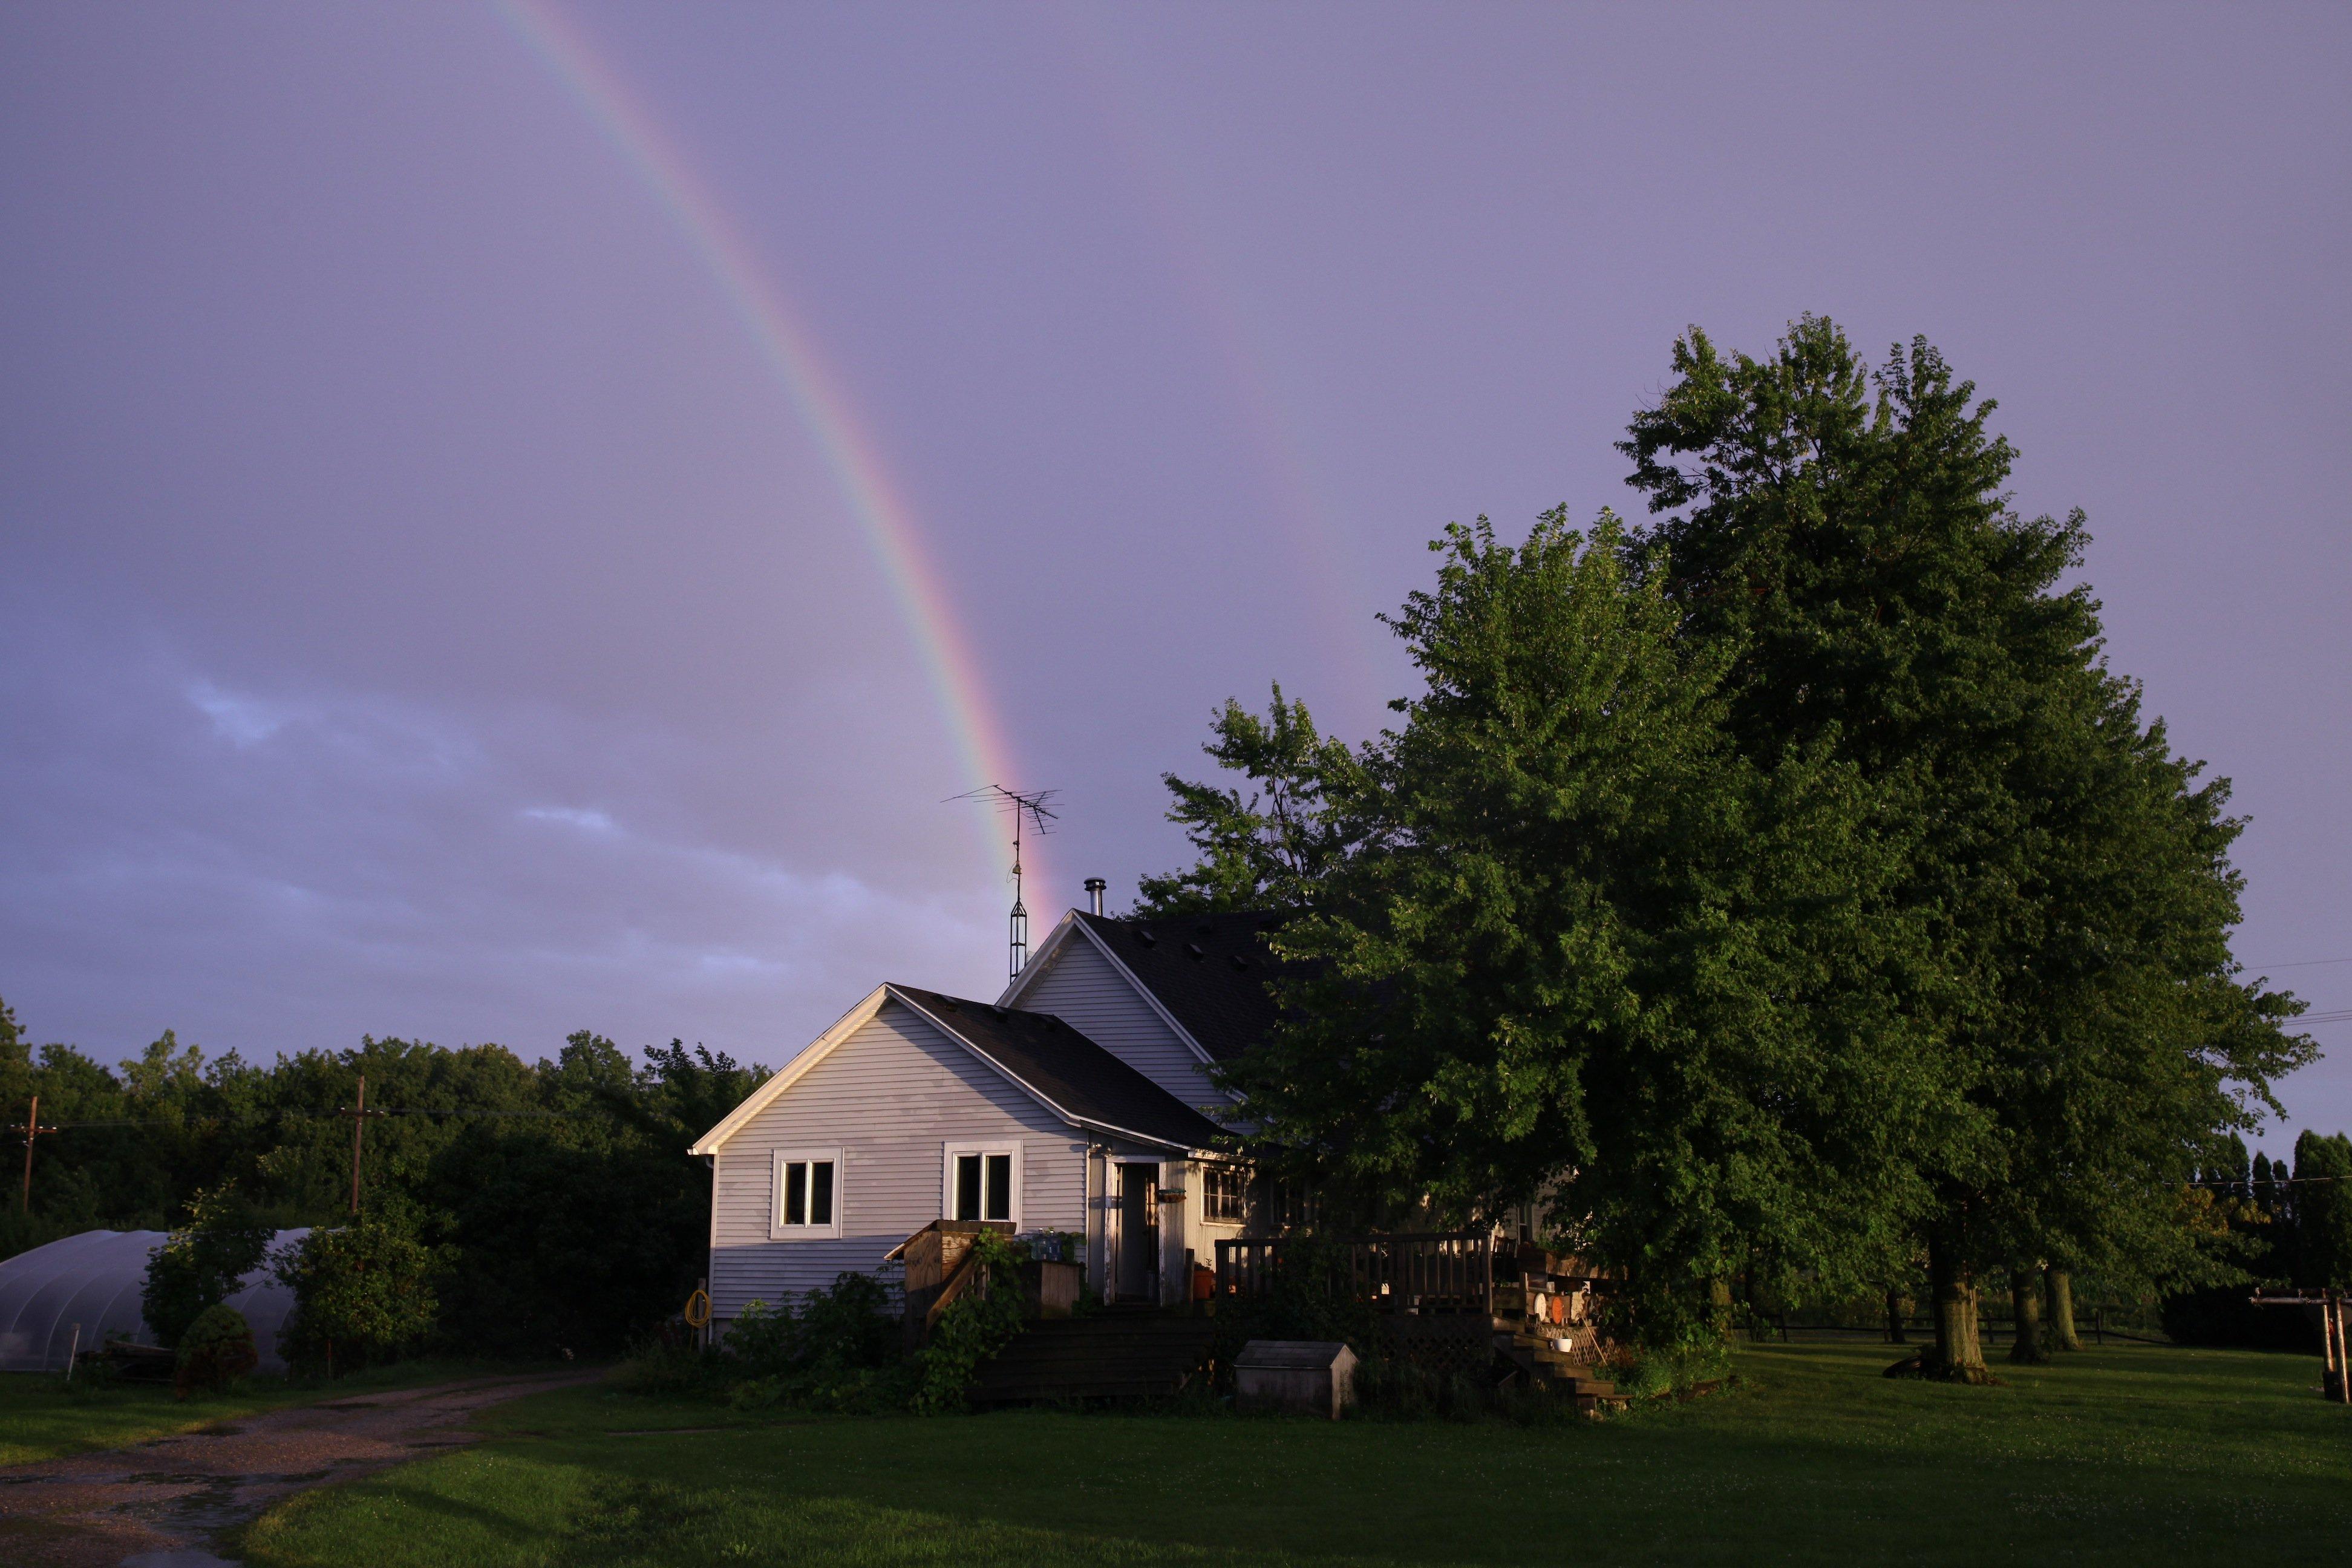 rainbow over farmhse